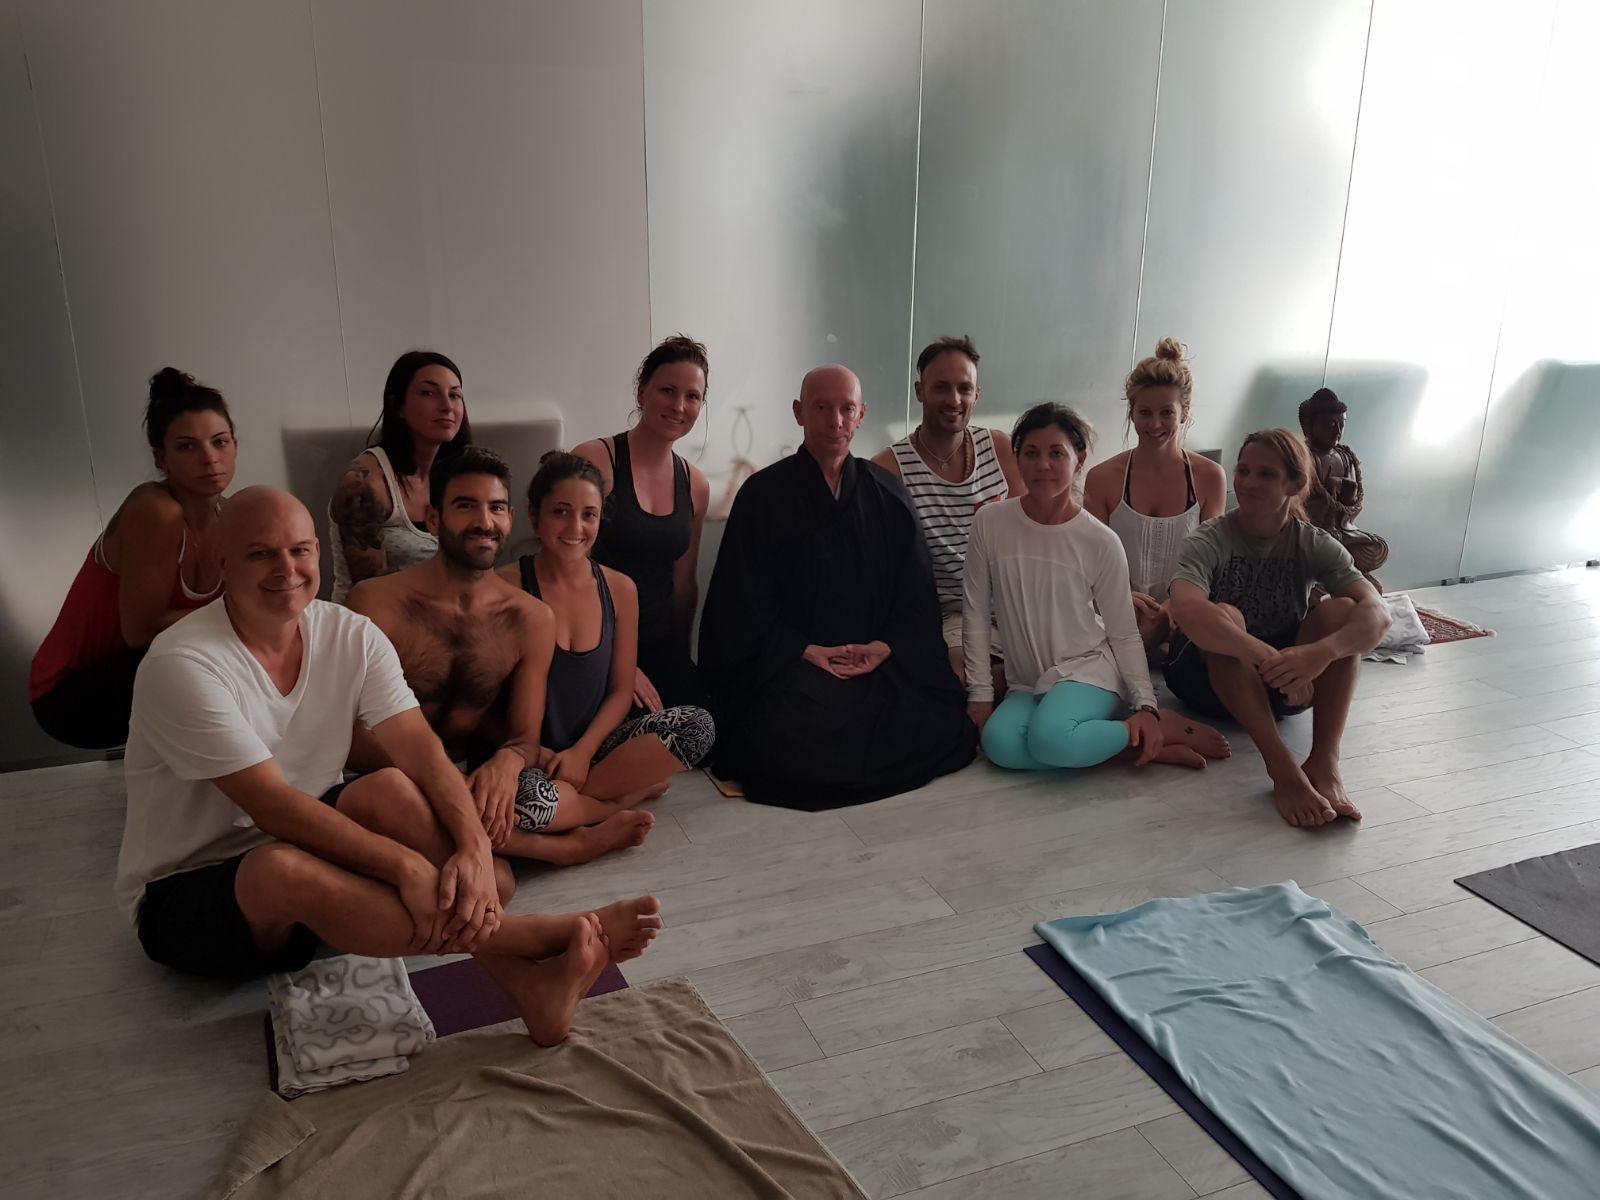 500hr-yoga-teacher-training-bologna-italy-group-lecture.jpg